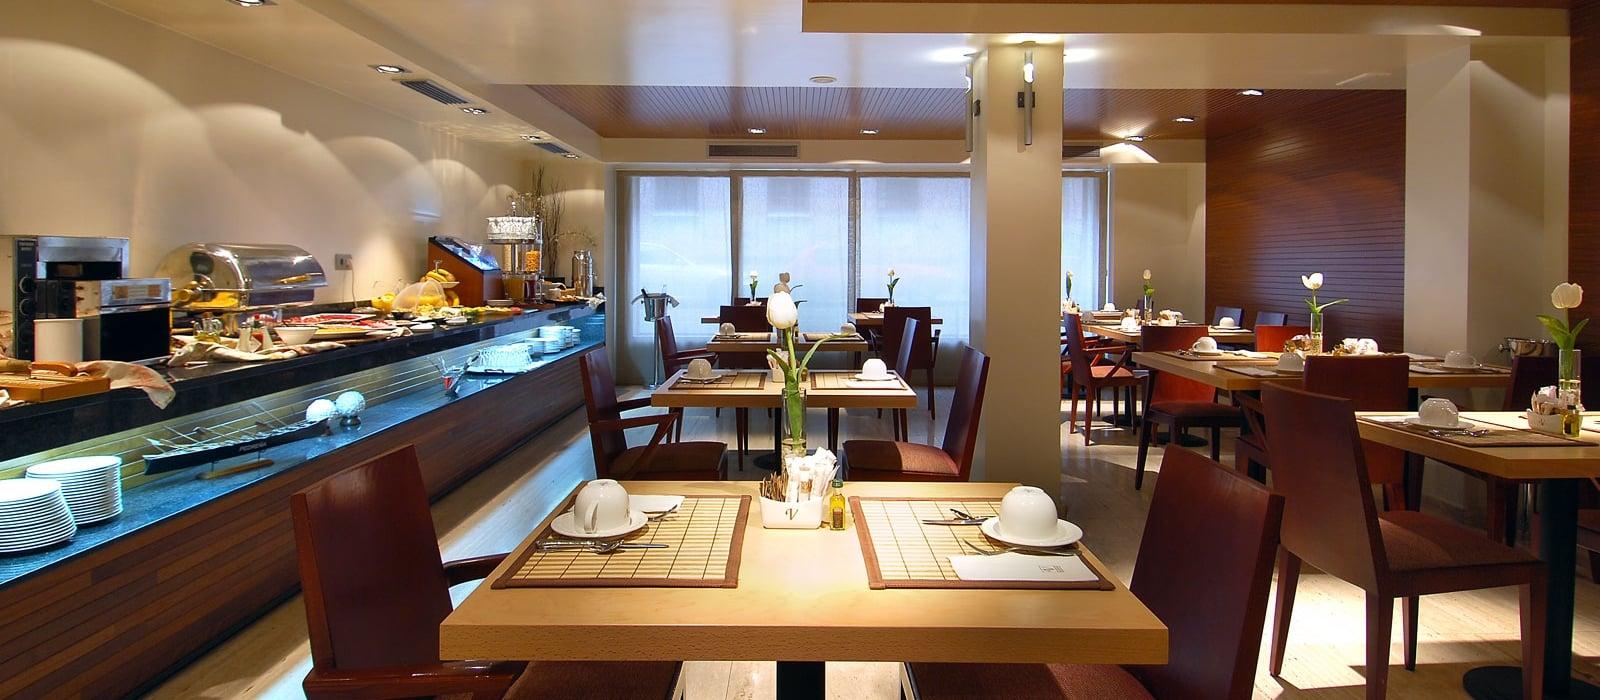 Servicios Hotel Santander Puertochico - Vincci Hoteles